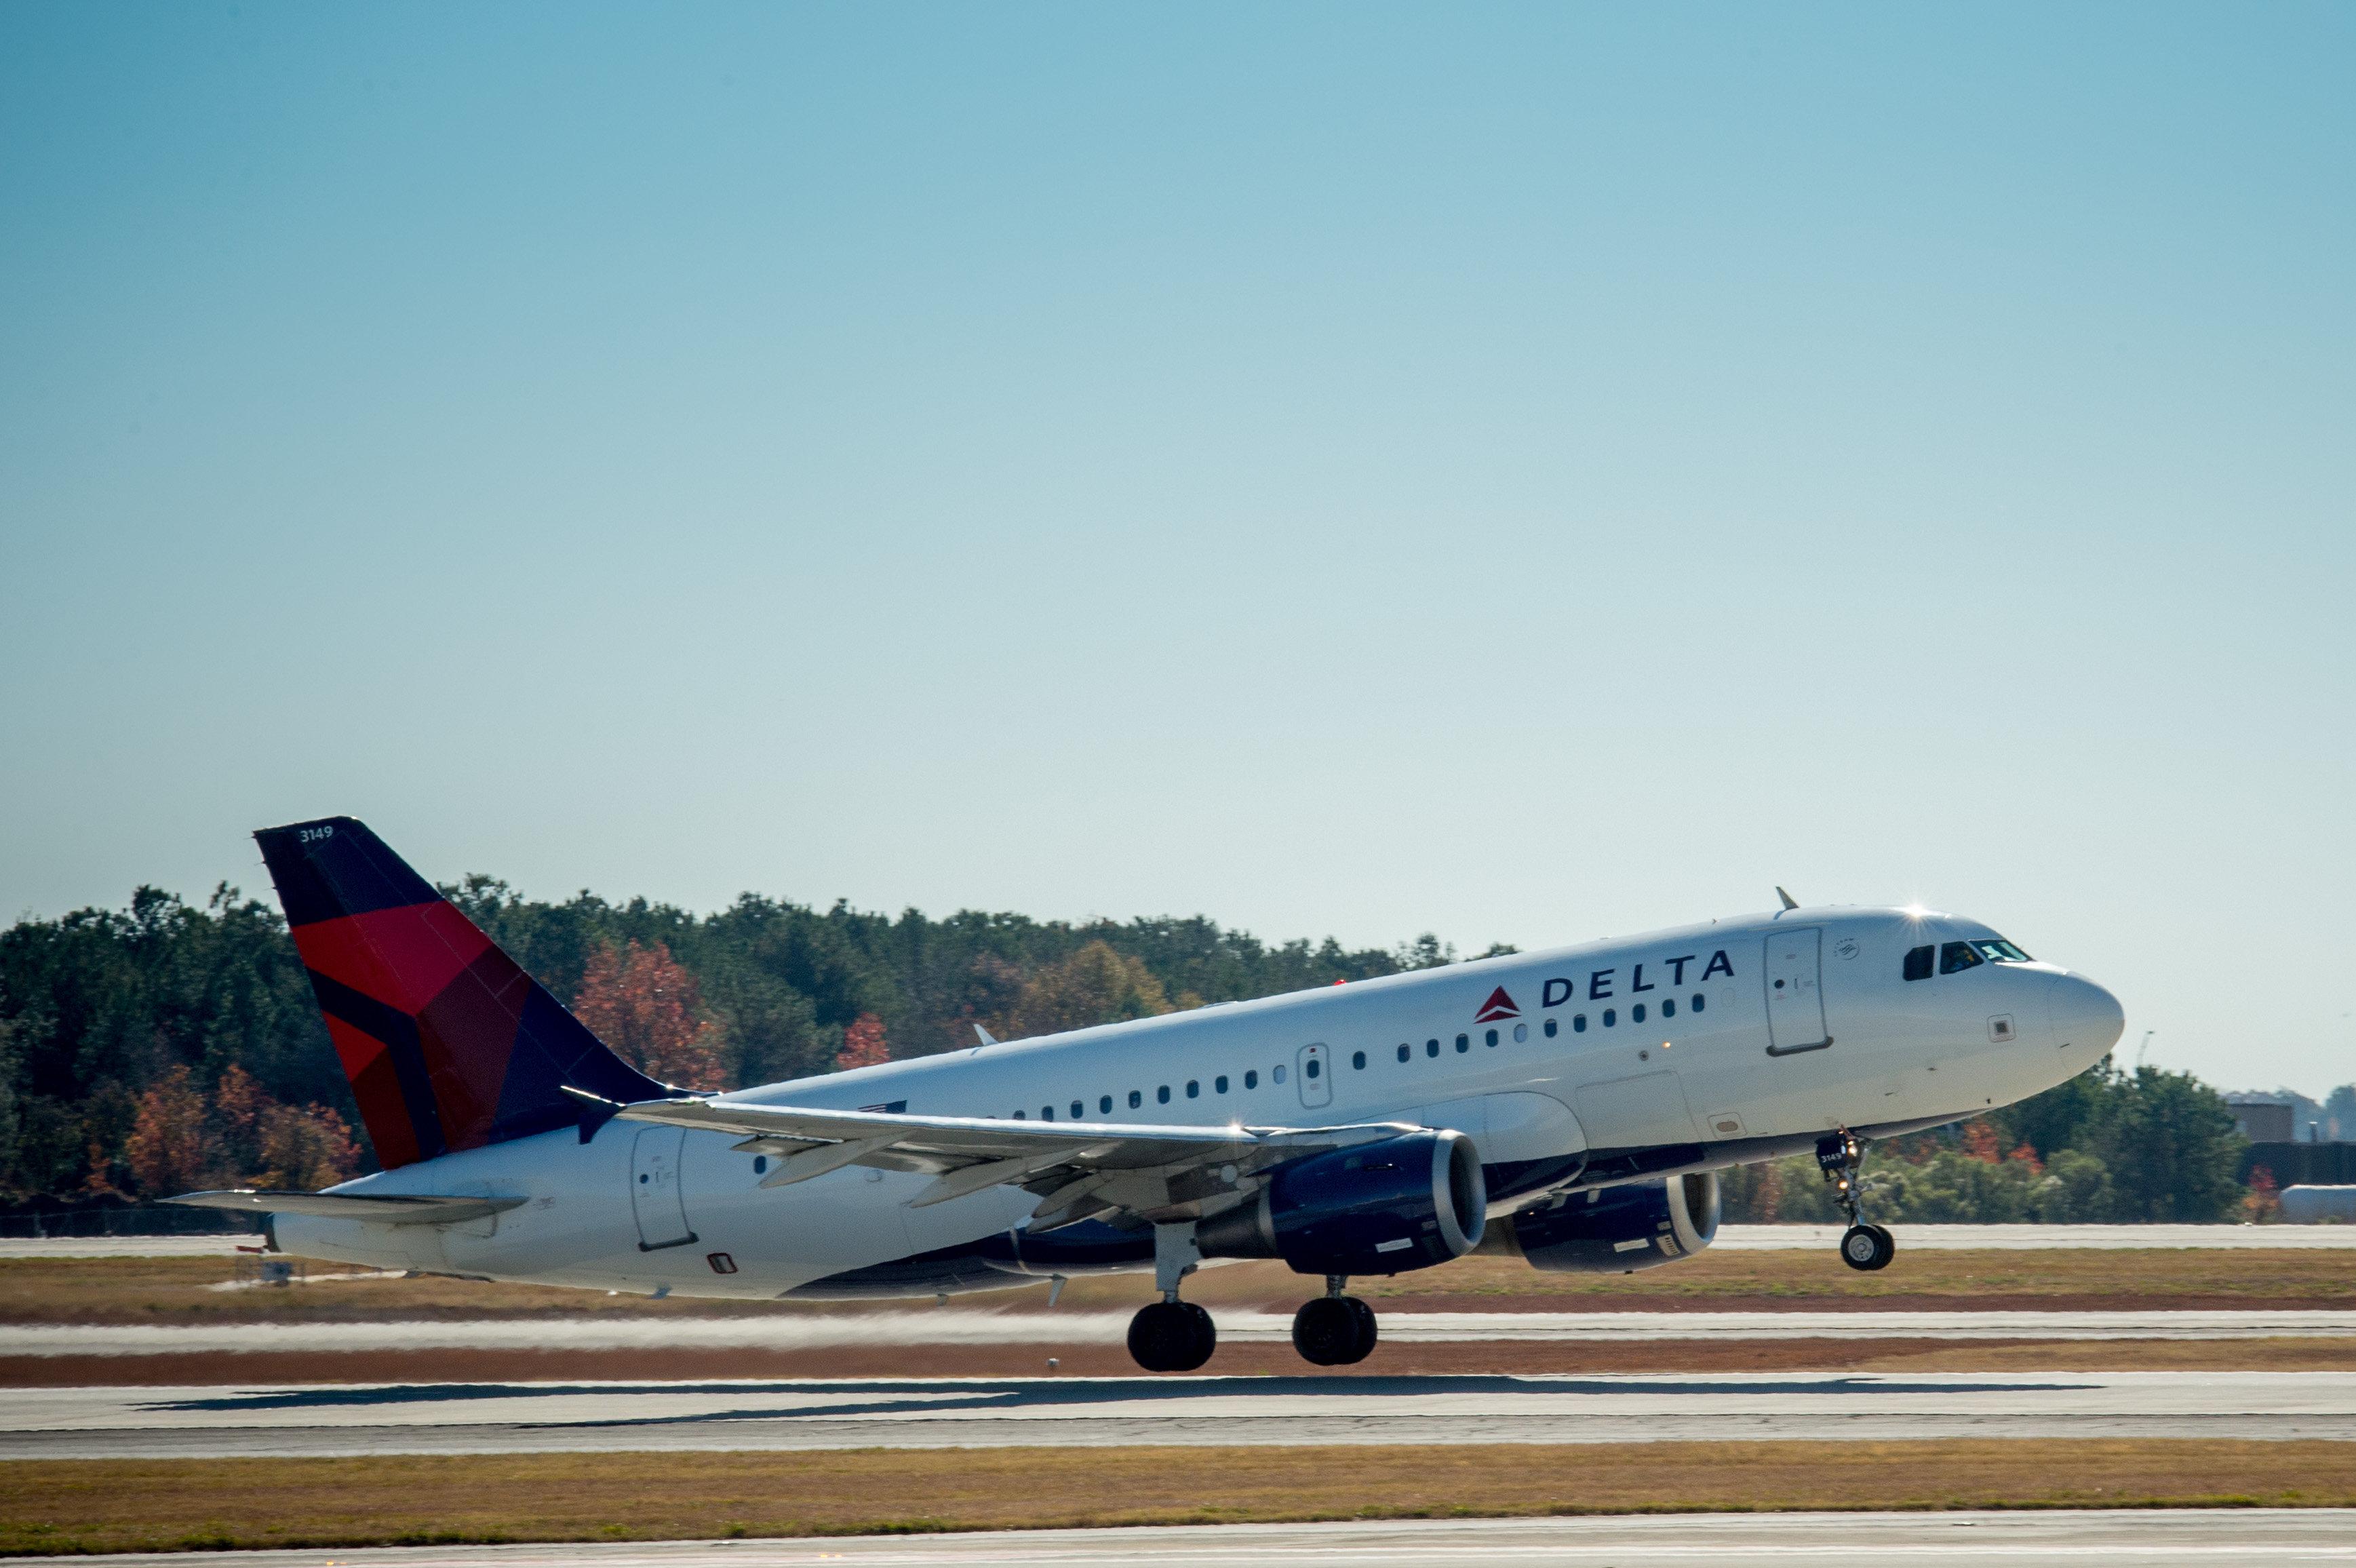 Flight 639 departs ATL for HAV